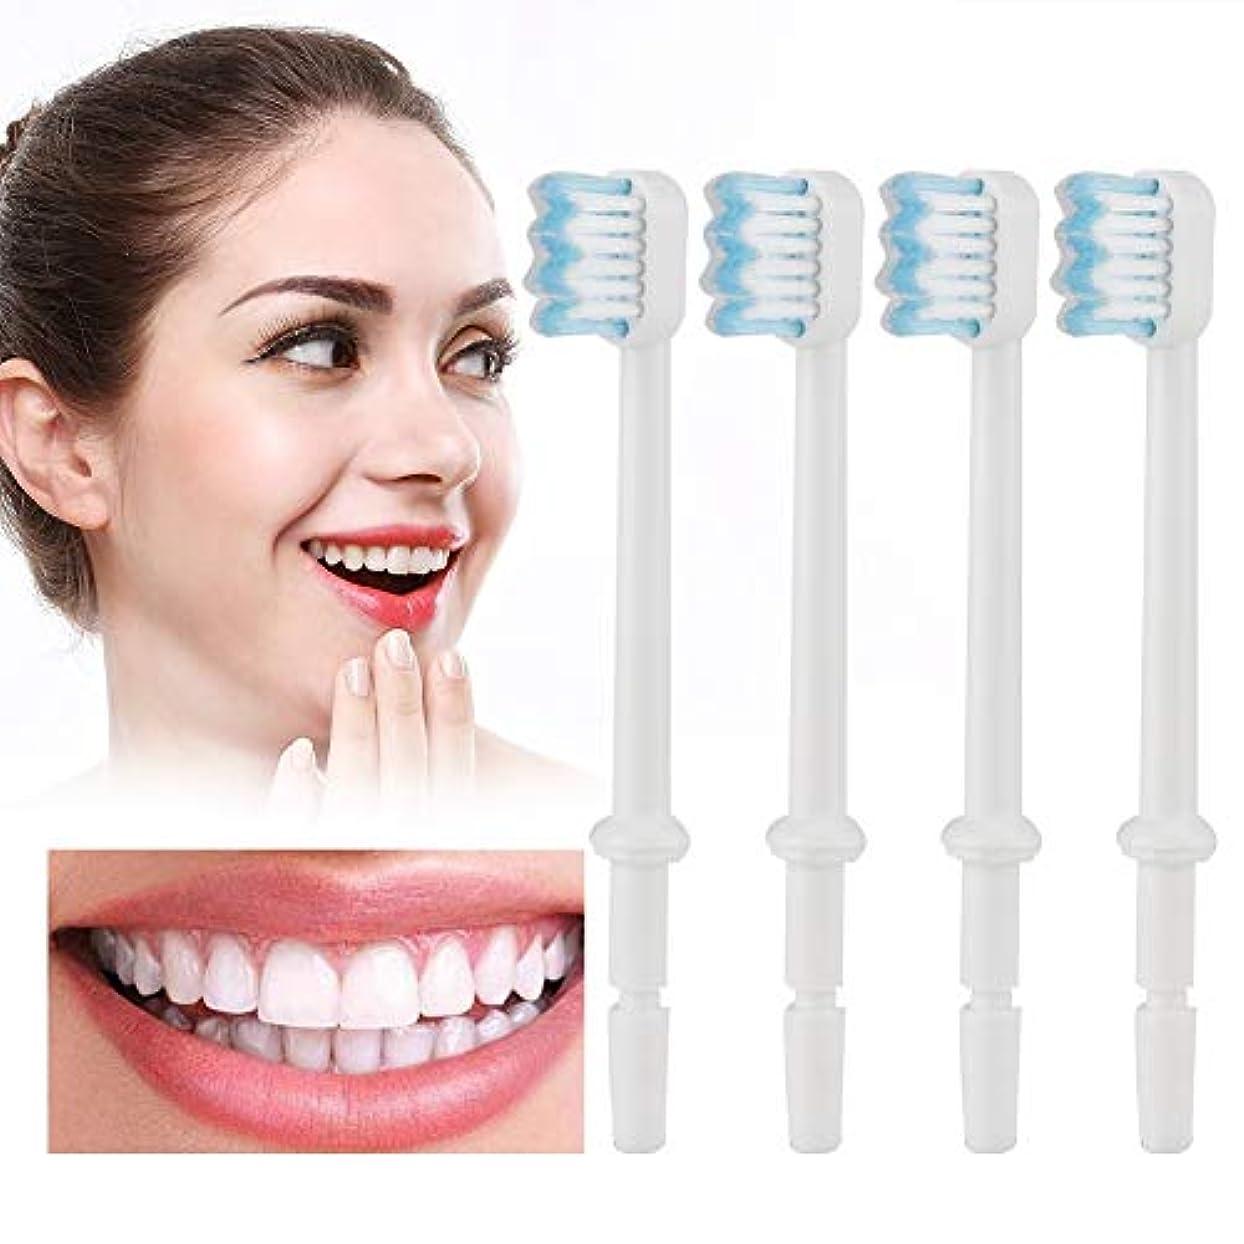 戦略嫌いスペイン語4本/セット歯ブラシノズルオーラルフロス歯ノズル交換部品